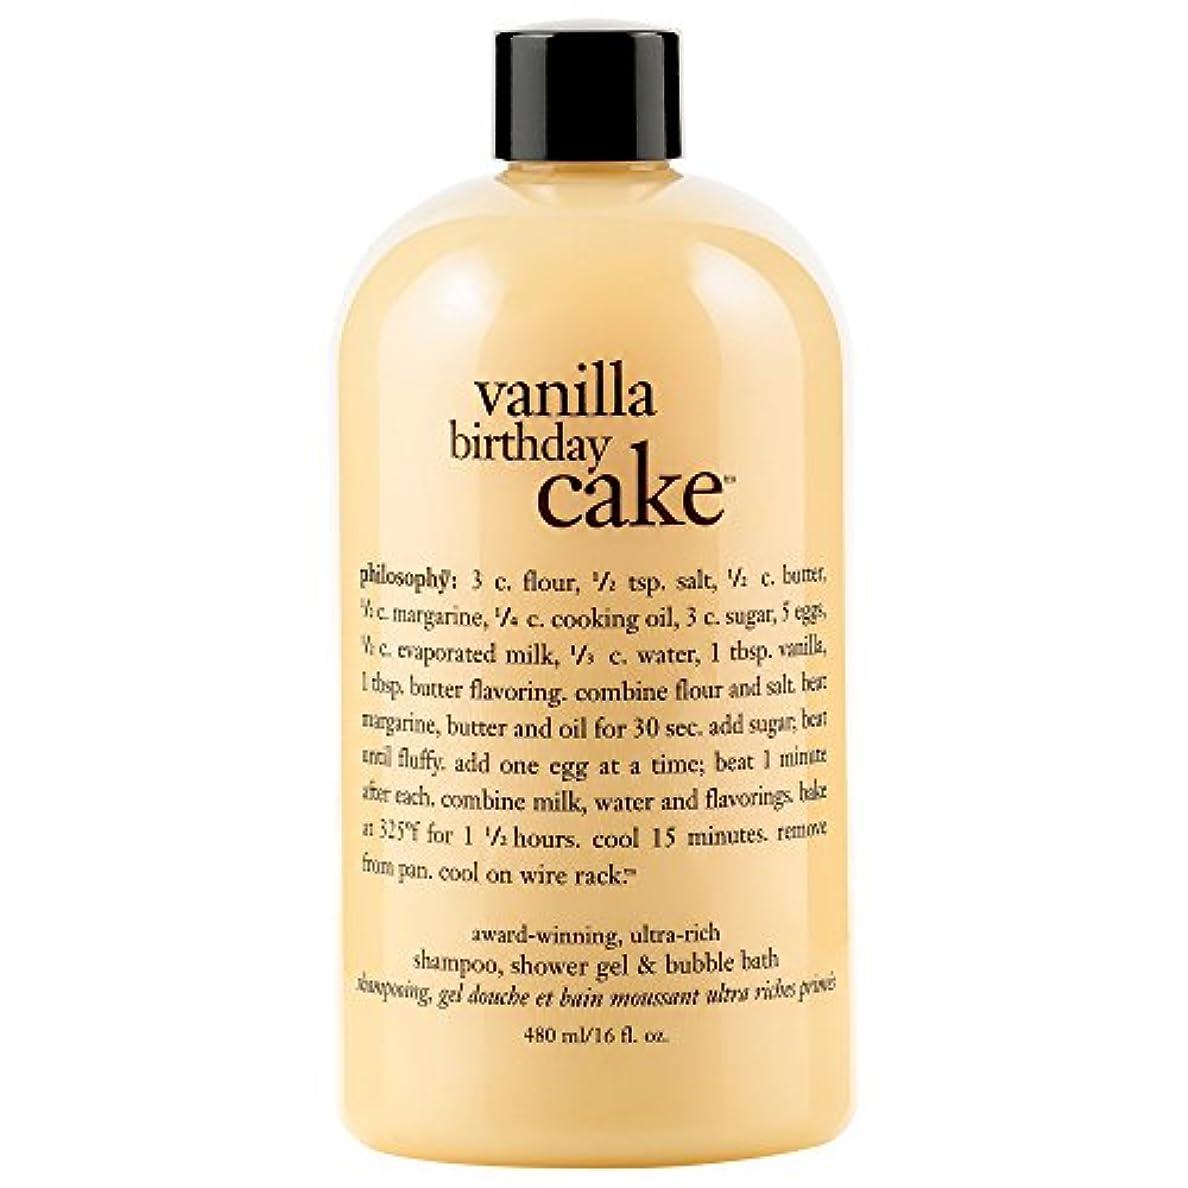 歯痛意気消沈した確実哲学バニラバースデーケーキシャンプー/シャワージェル/バブルバス480ミリリットル (Philosophy) (x6) - Philosophy Vanilla Birthday Cake Shampoo/Shower...